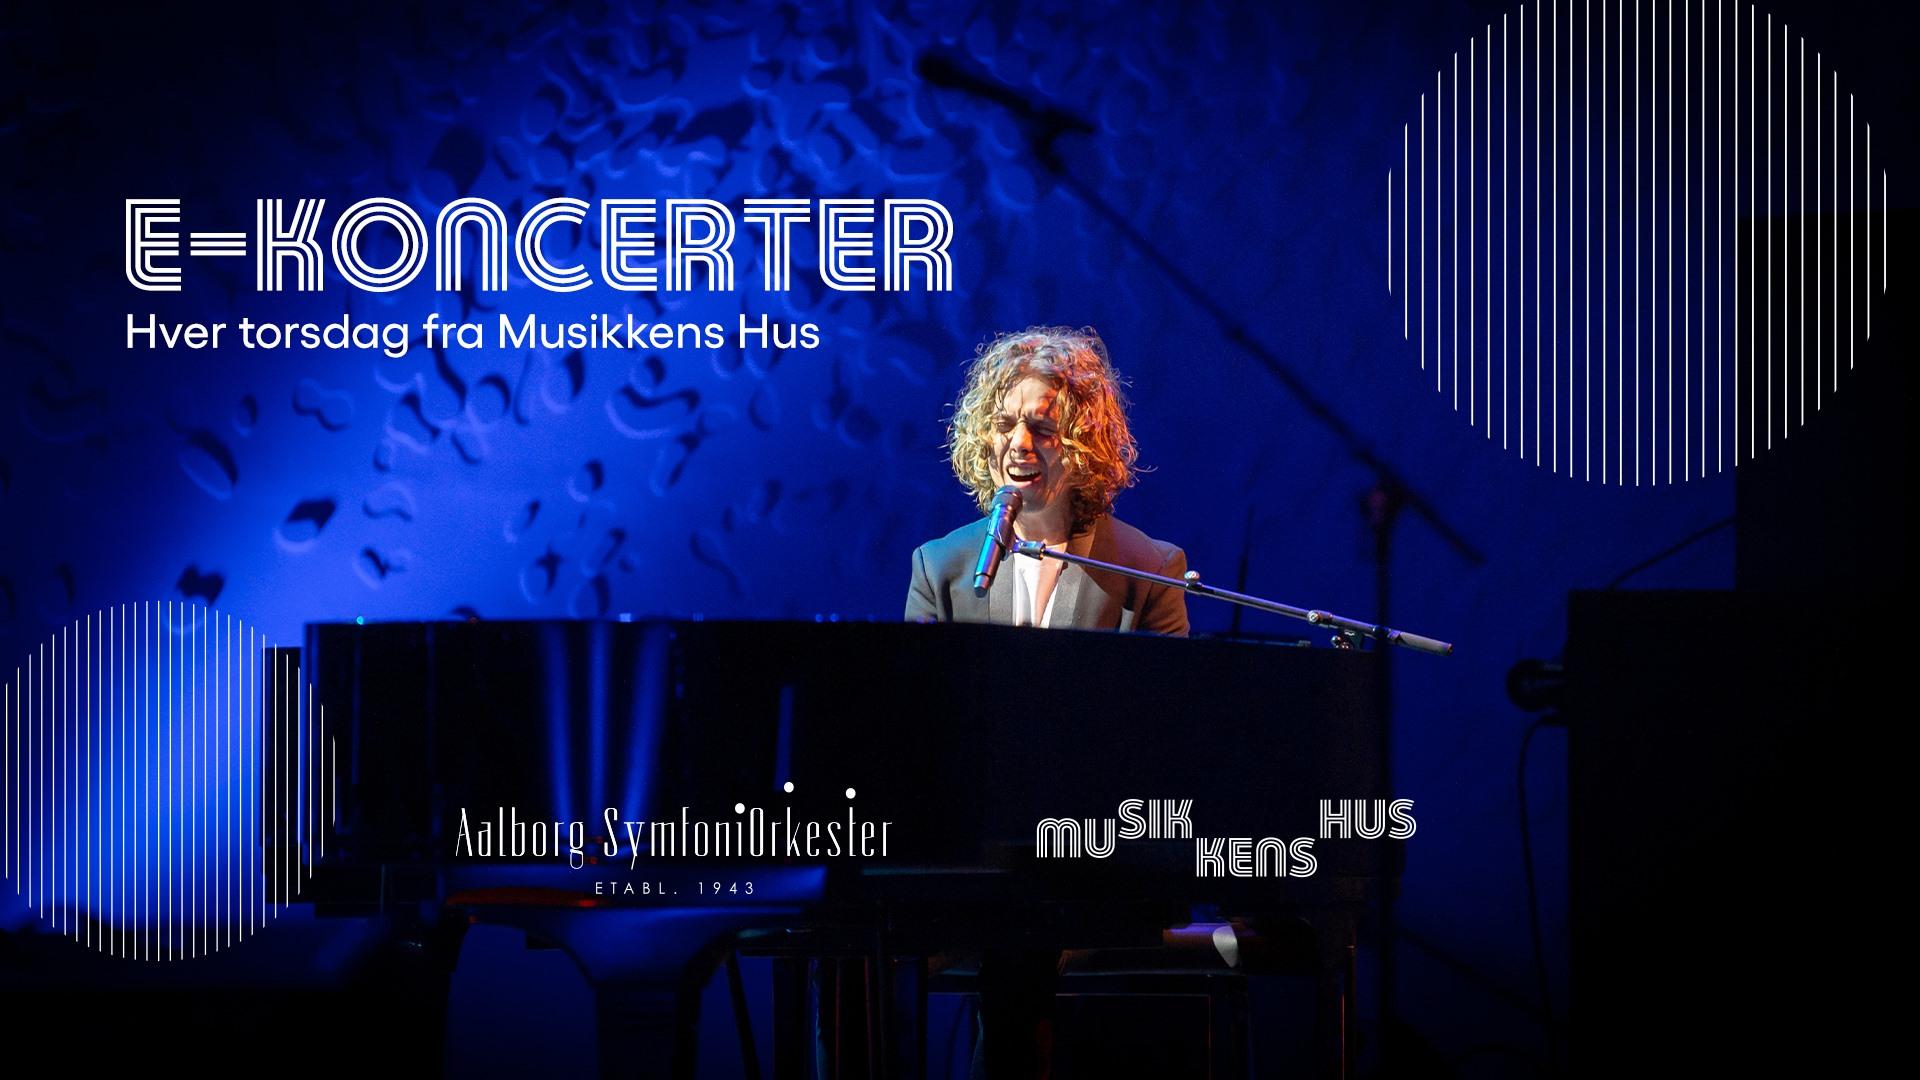 Se med helt gratis: Musikkens Hus laver online koncerter med store danske navne